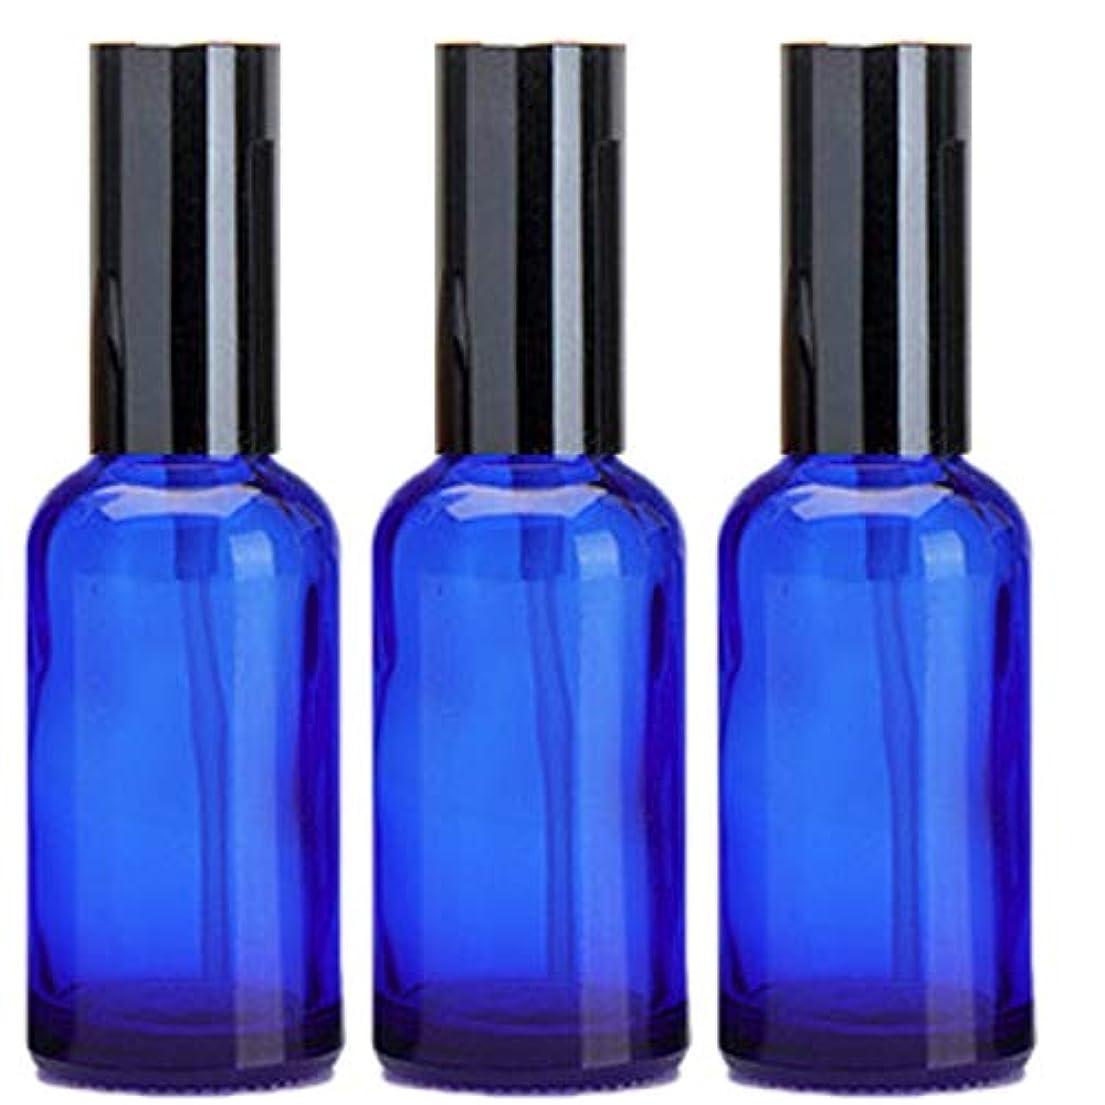 シリアル絶望的なキルト乳液 ボトル 3本セット クリーム容器 アロマクリーム ハンドクリーム 遮光瓶 ガラス 瓶 アロマ ボトル ビン 保存 詰替え 青色 ブルー (30m?3本)